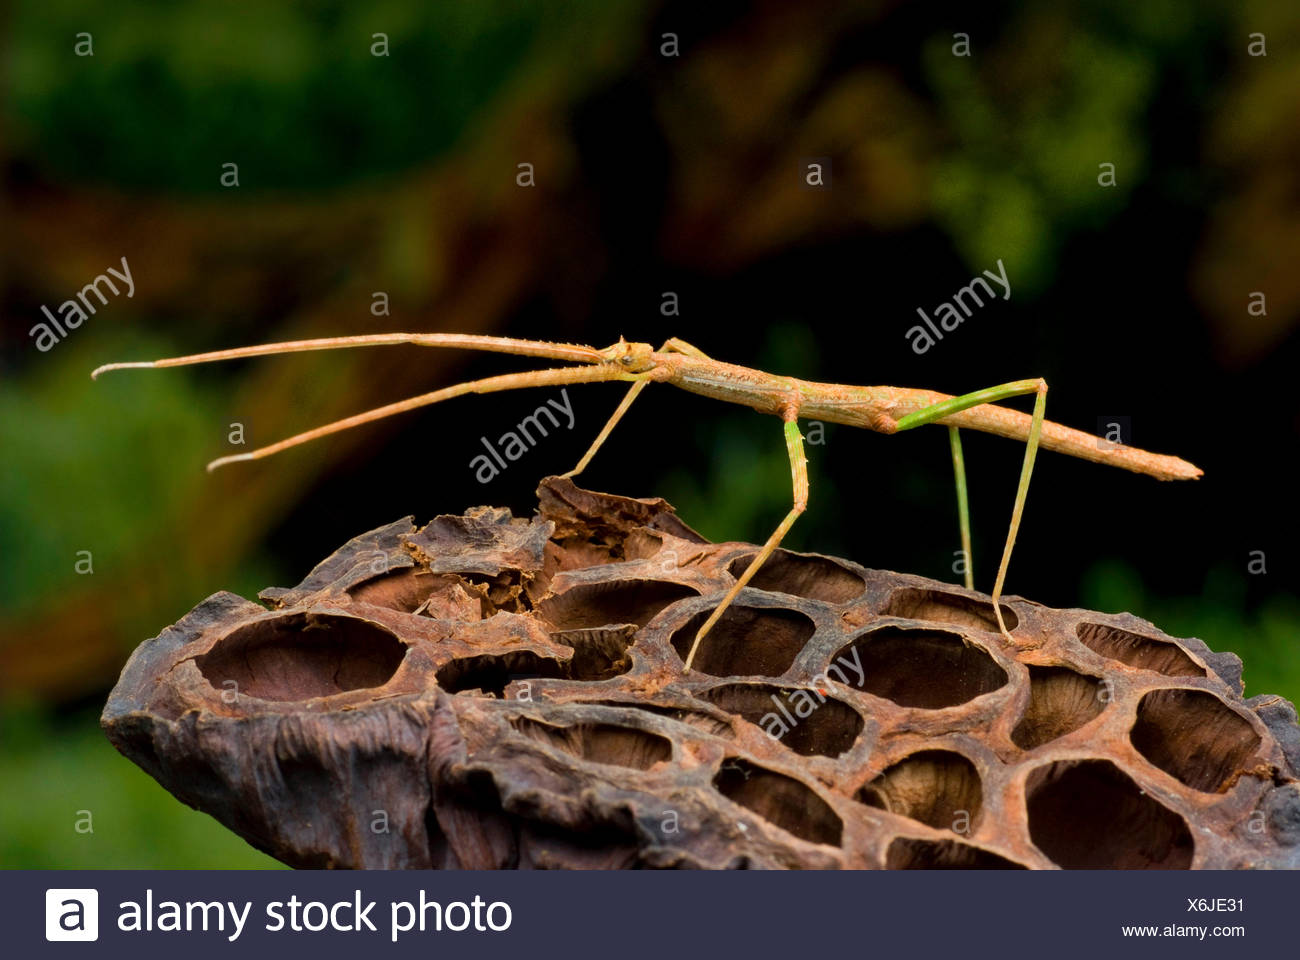 Vietnamesische Stick-Bug (Ramulus Artemis, Baculum Artemis), auf einem Seed-Schiff Stockbild